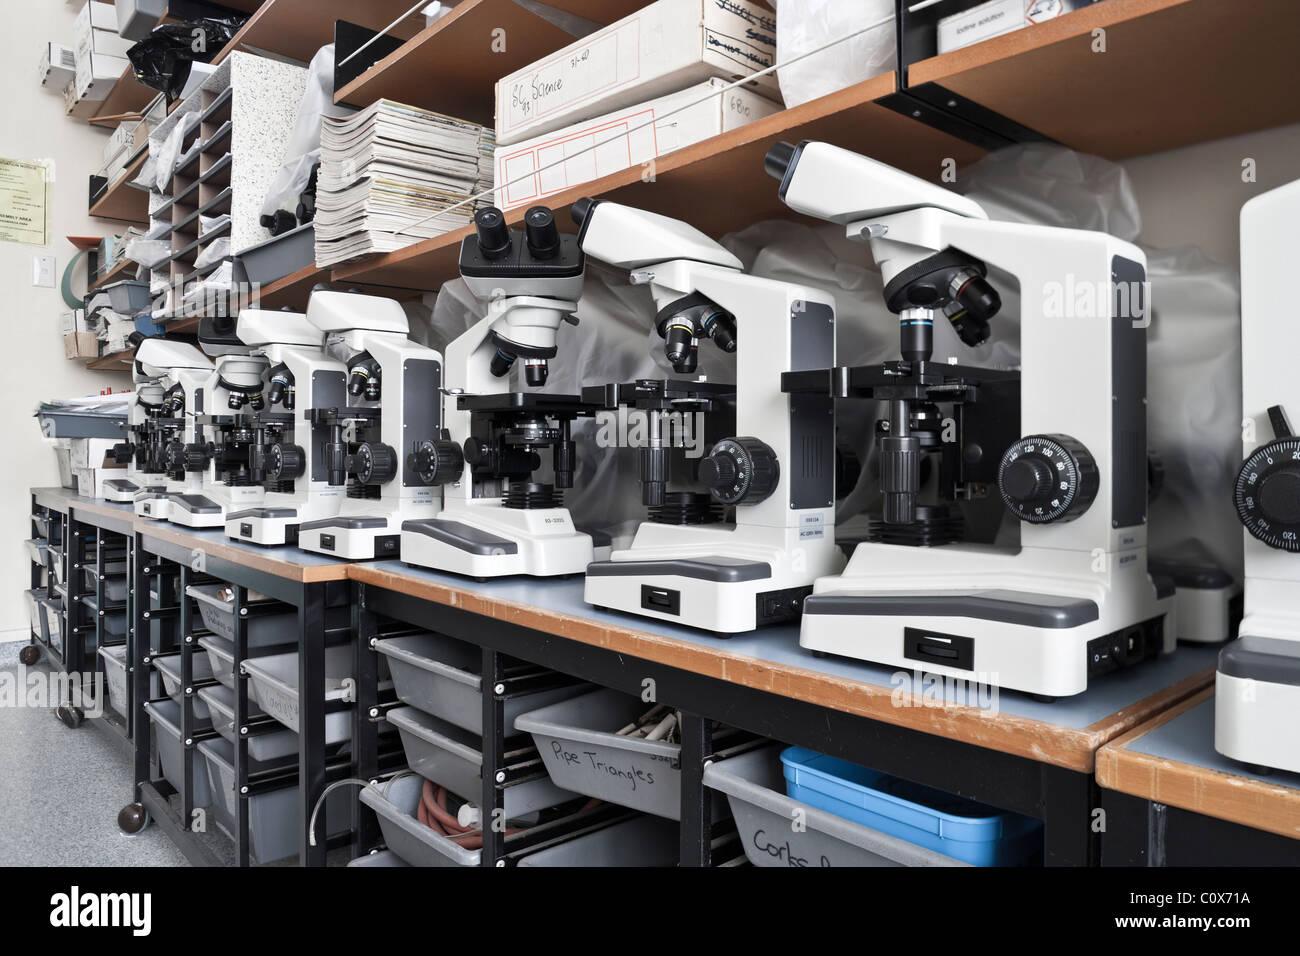 Fila de microscopios en almacén de biología de la escuela. Logotipos extraídos. Imagen De Stock